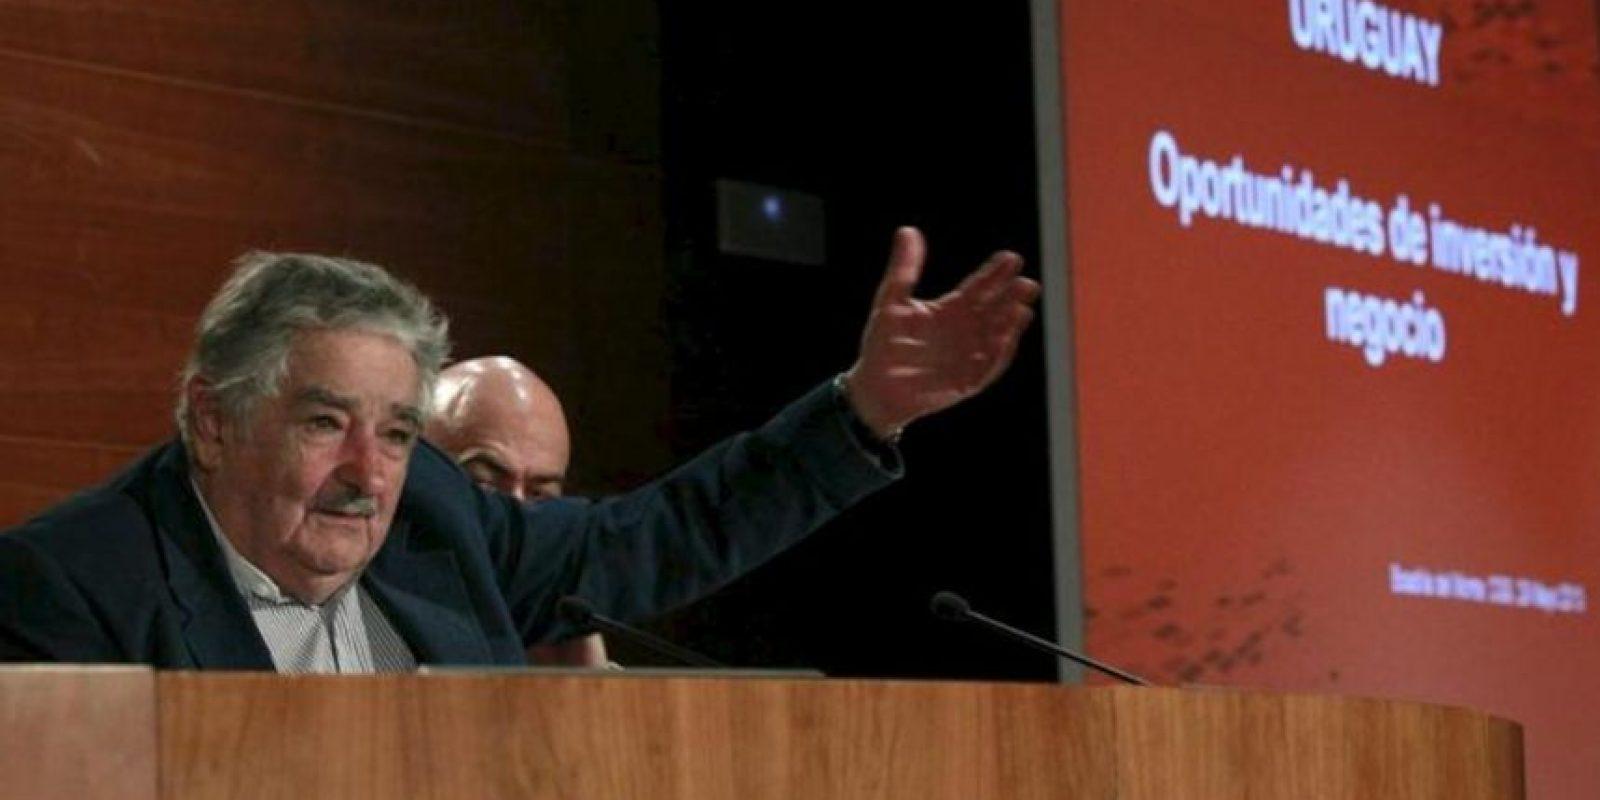 El presidente de Uruguay, José Mujica, durante la reunión que mantuvo con empresarios en la primera jornada de su visita oficial a España, en la que también se entrevistará con el rey Juan Carlos. EFE